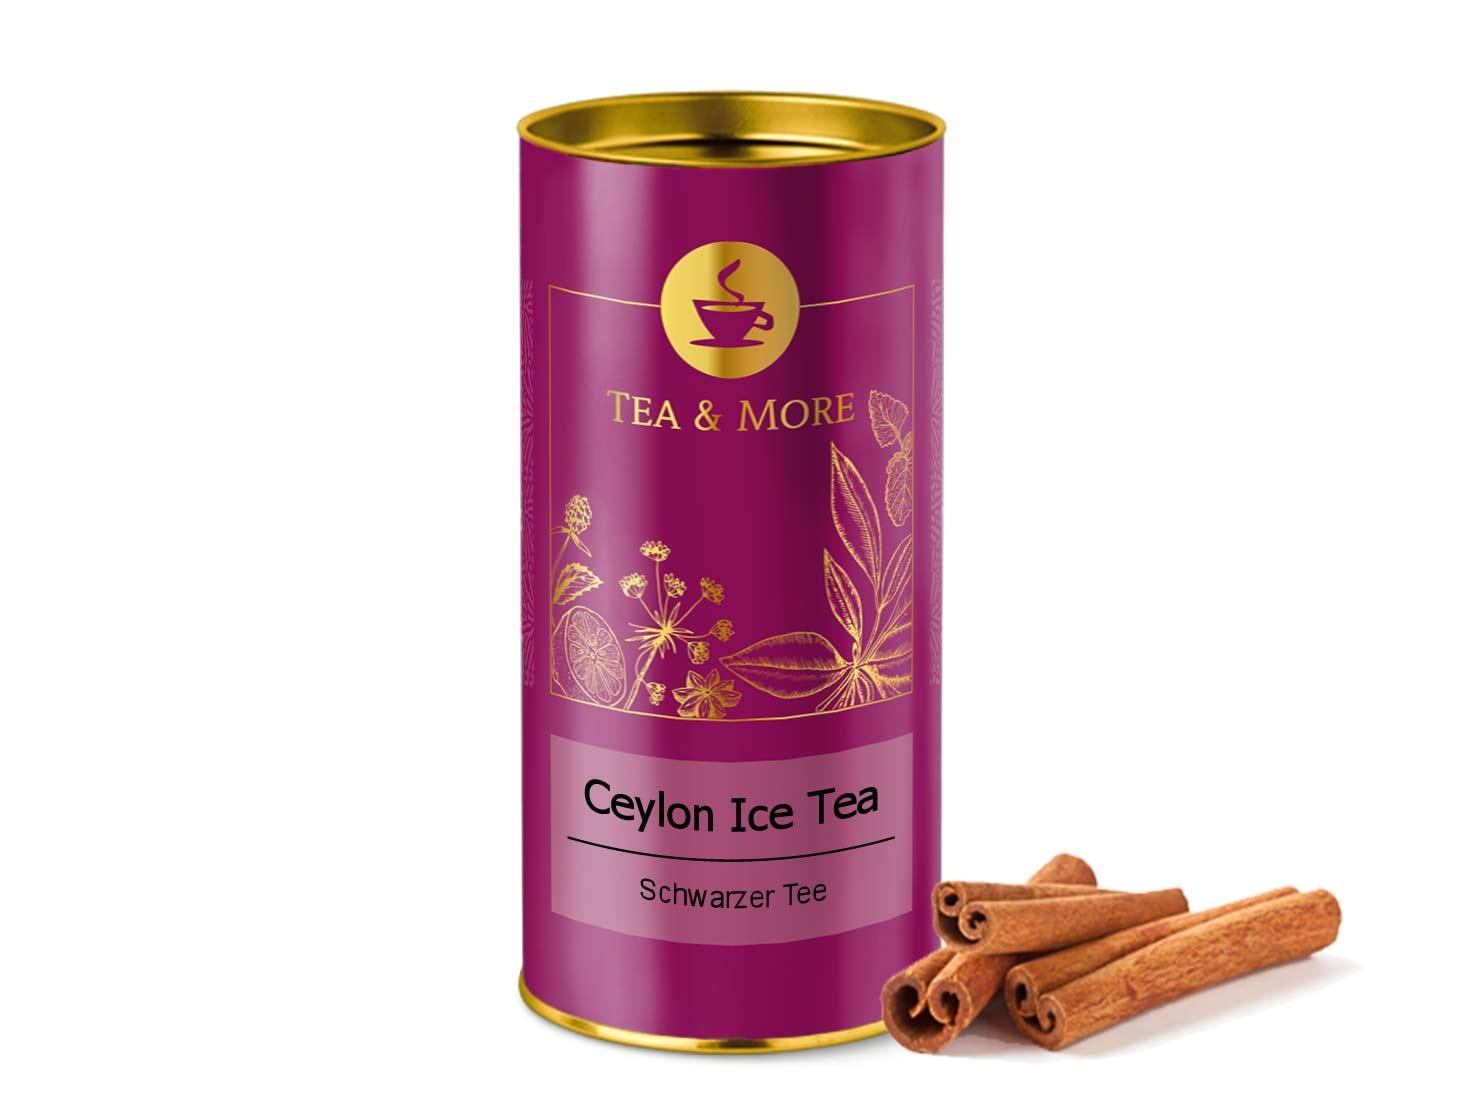 Ceylon Ice Tea